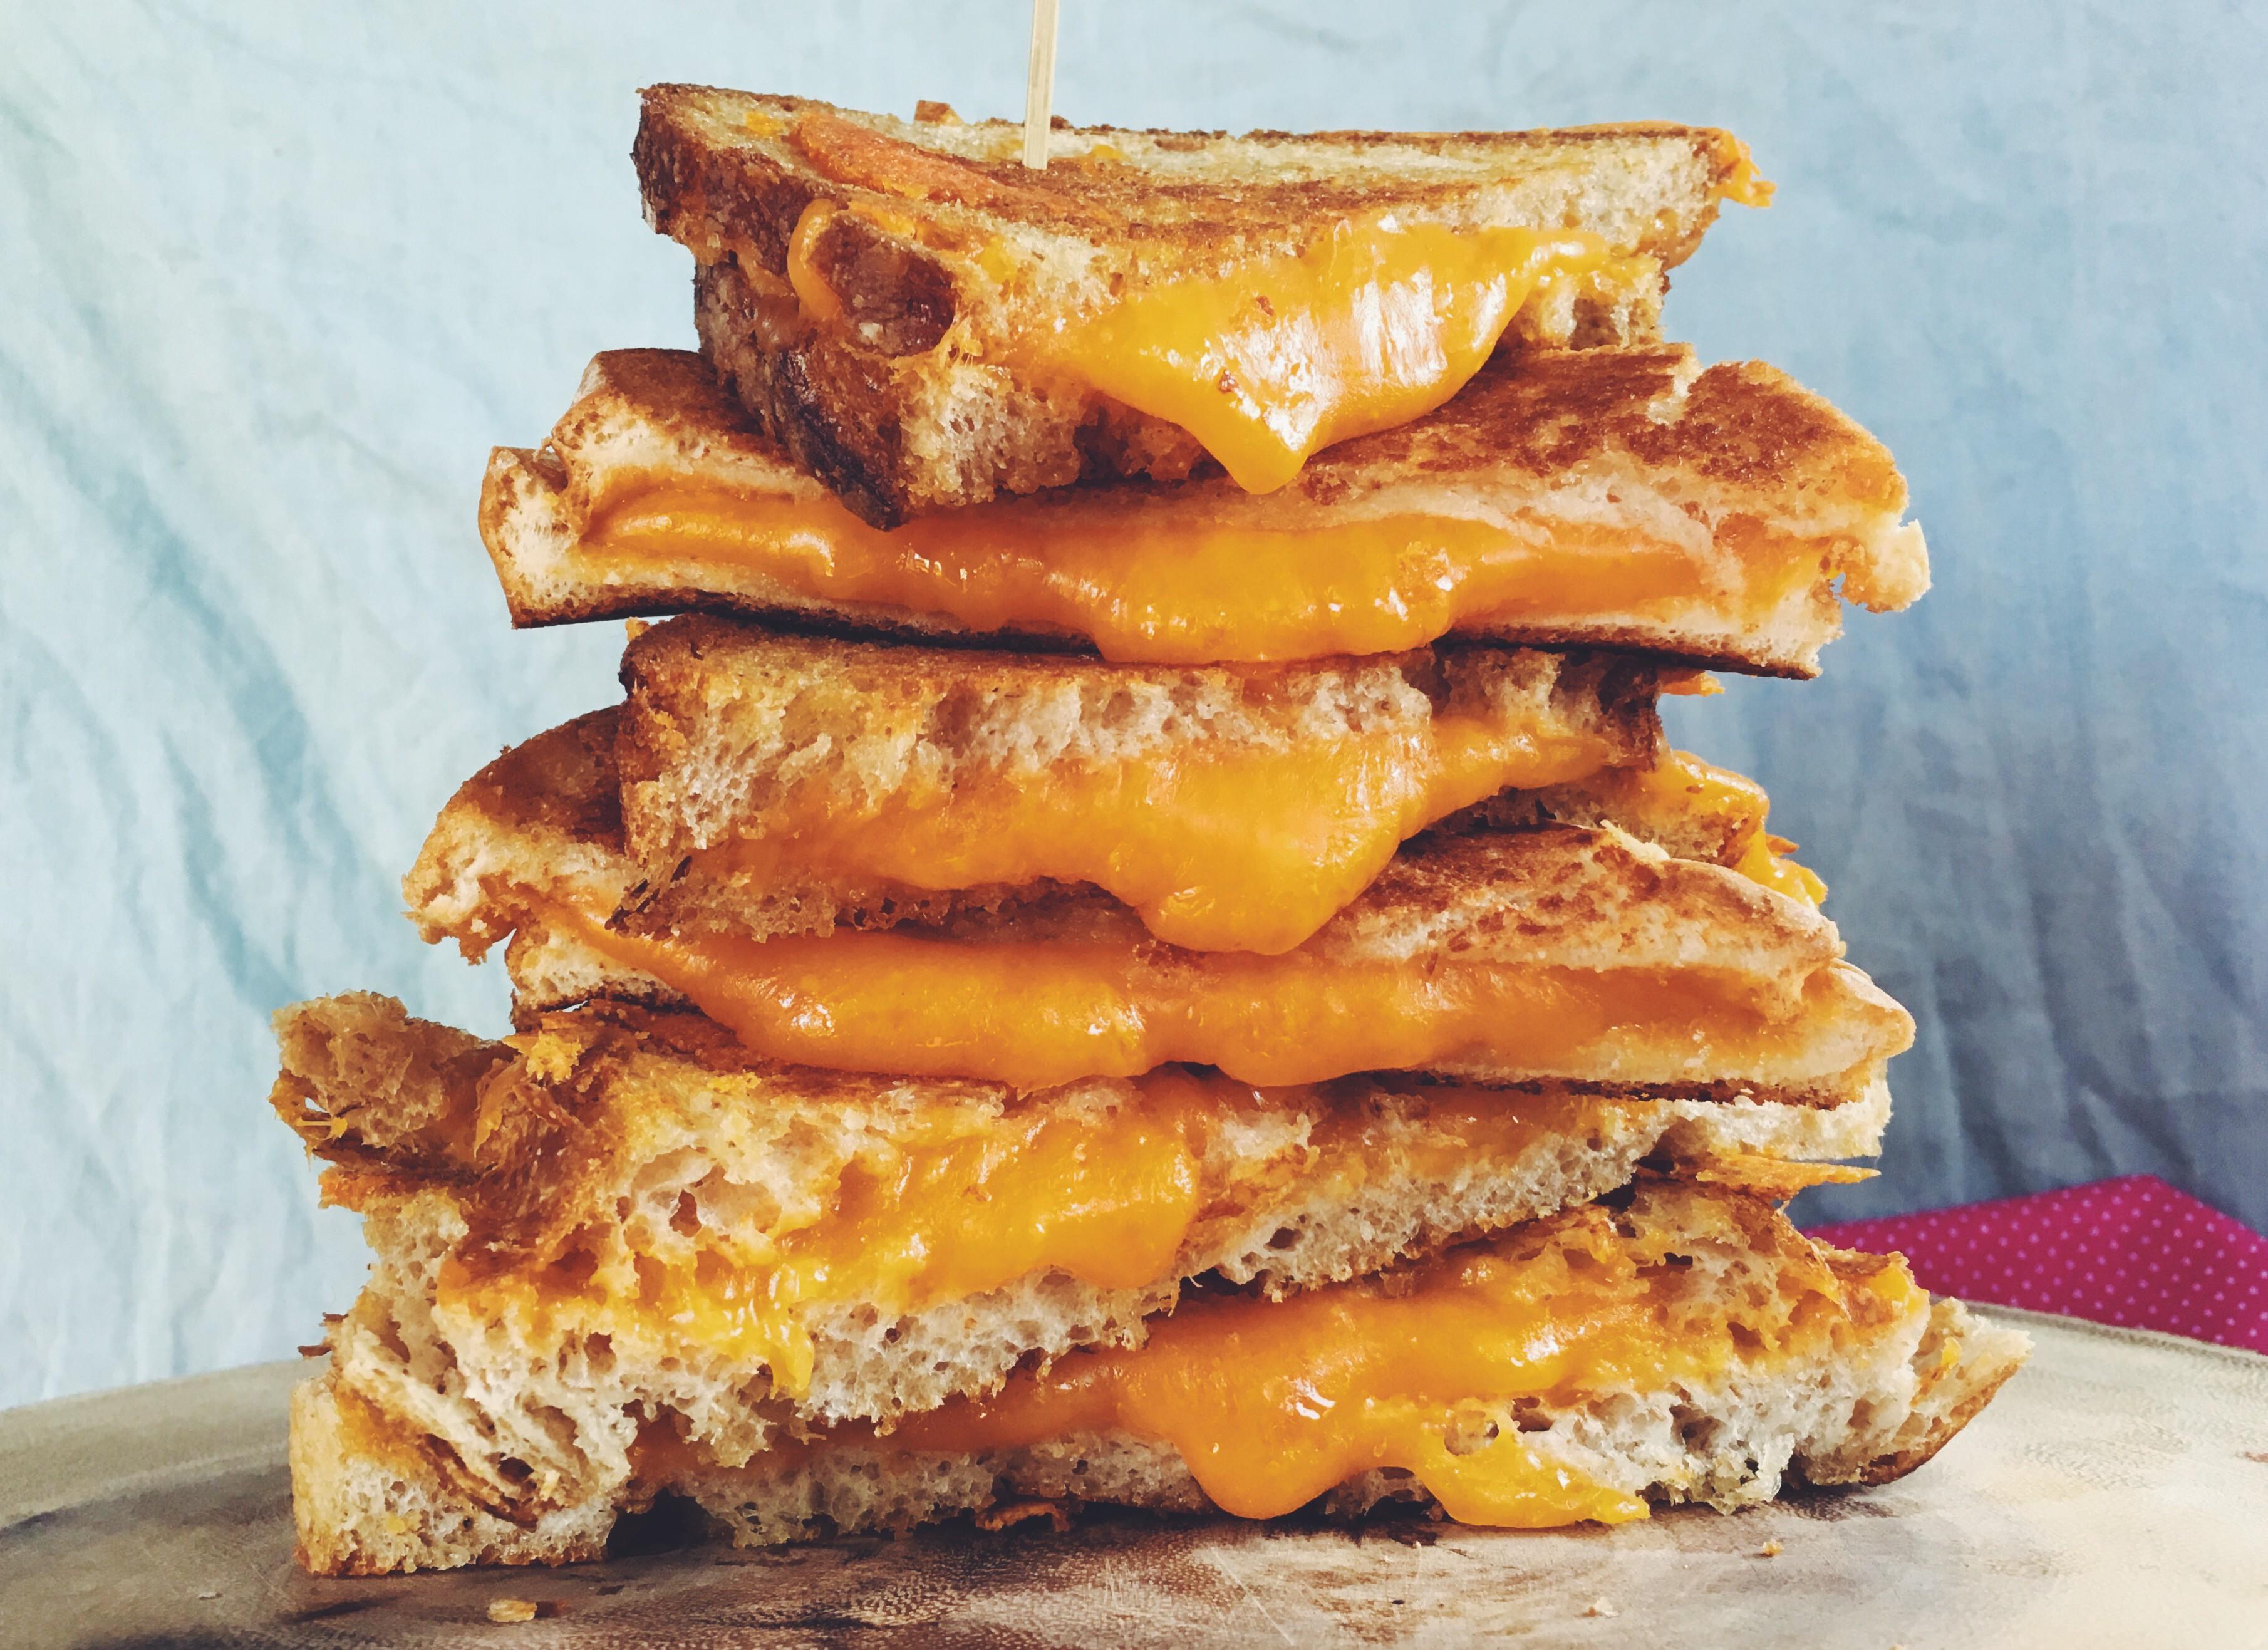 Znanstveniki so dokazali, da so tisti, ki jedo sir, vitkejši